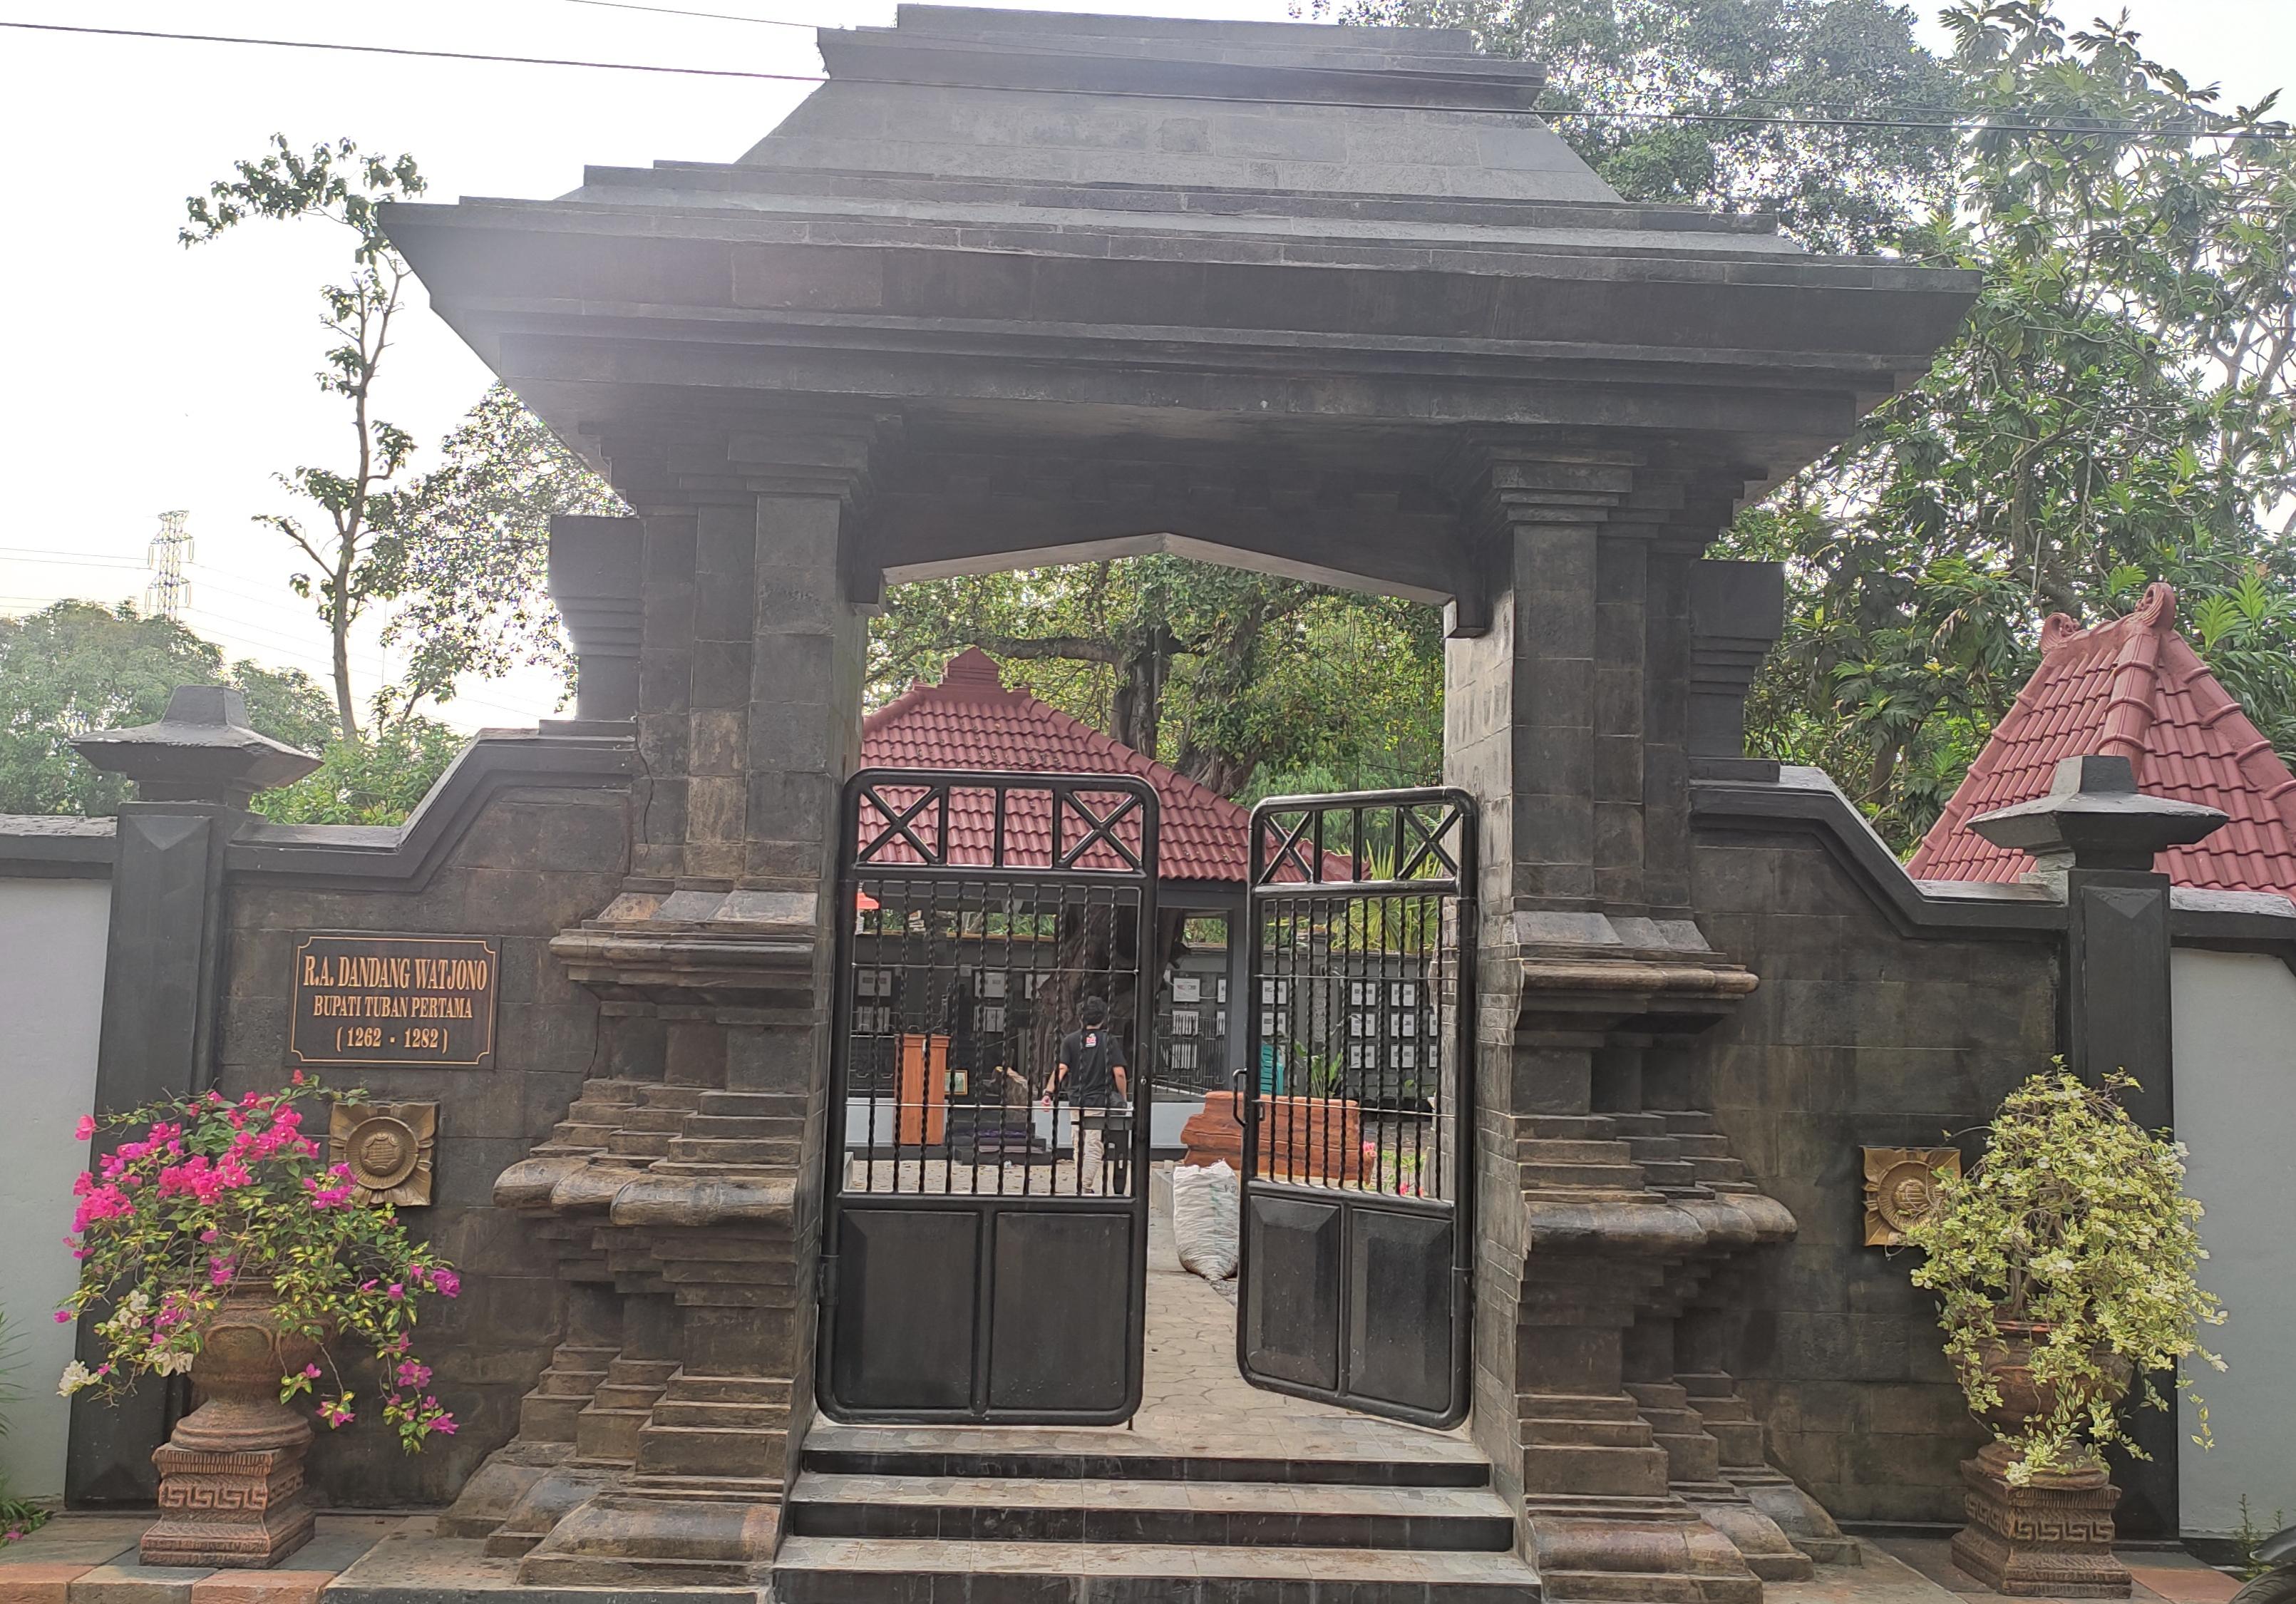 Desa Prunggahan Wetan Manfaatkan Budaya dan Religi Jadi Potensi Wisata